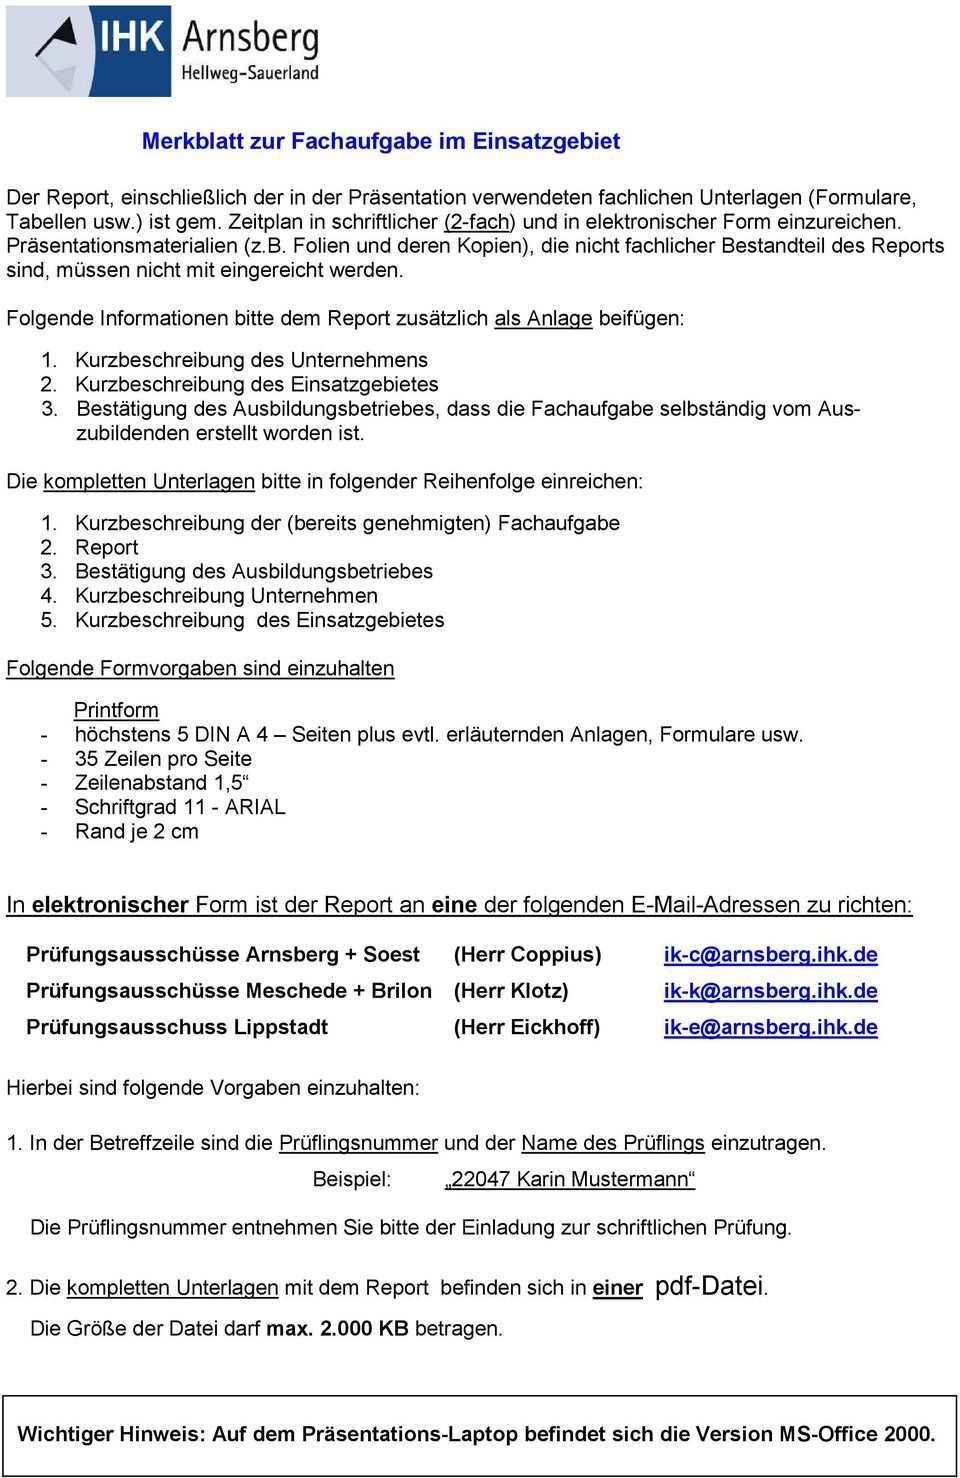 Informationen Zur Abschlussprufung Industriekaufmann Frau Fachaufgabe Im Einsatzgebiet Pdf Kostenfreier Download